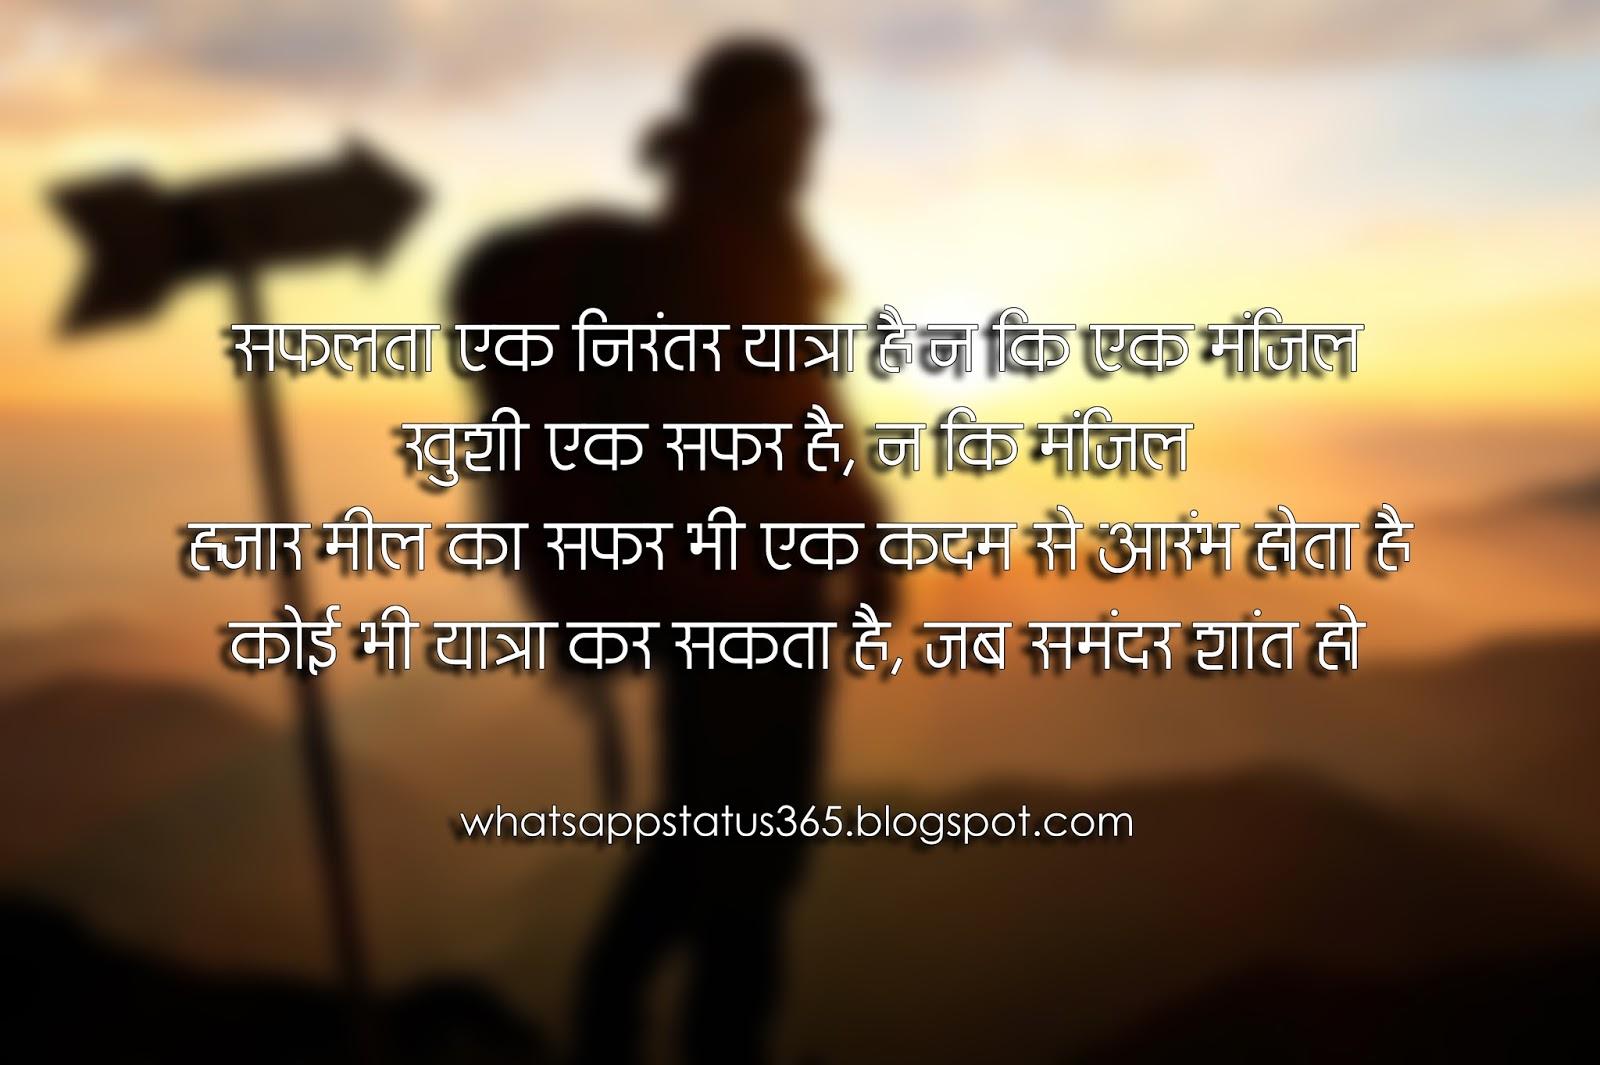 Happy Journey Quotes In Hindi Best Whatsapp Status Whatsapp